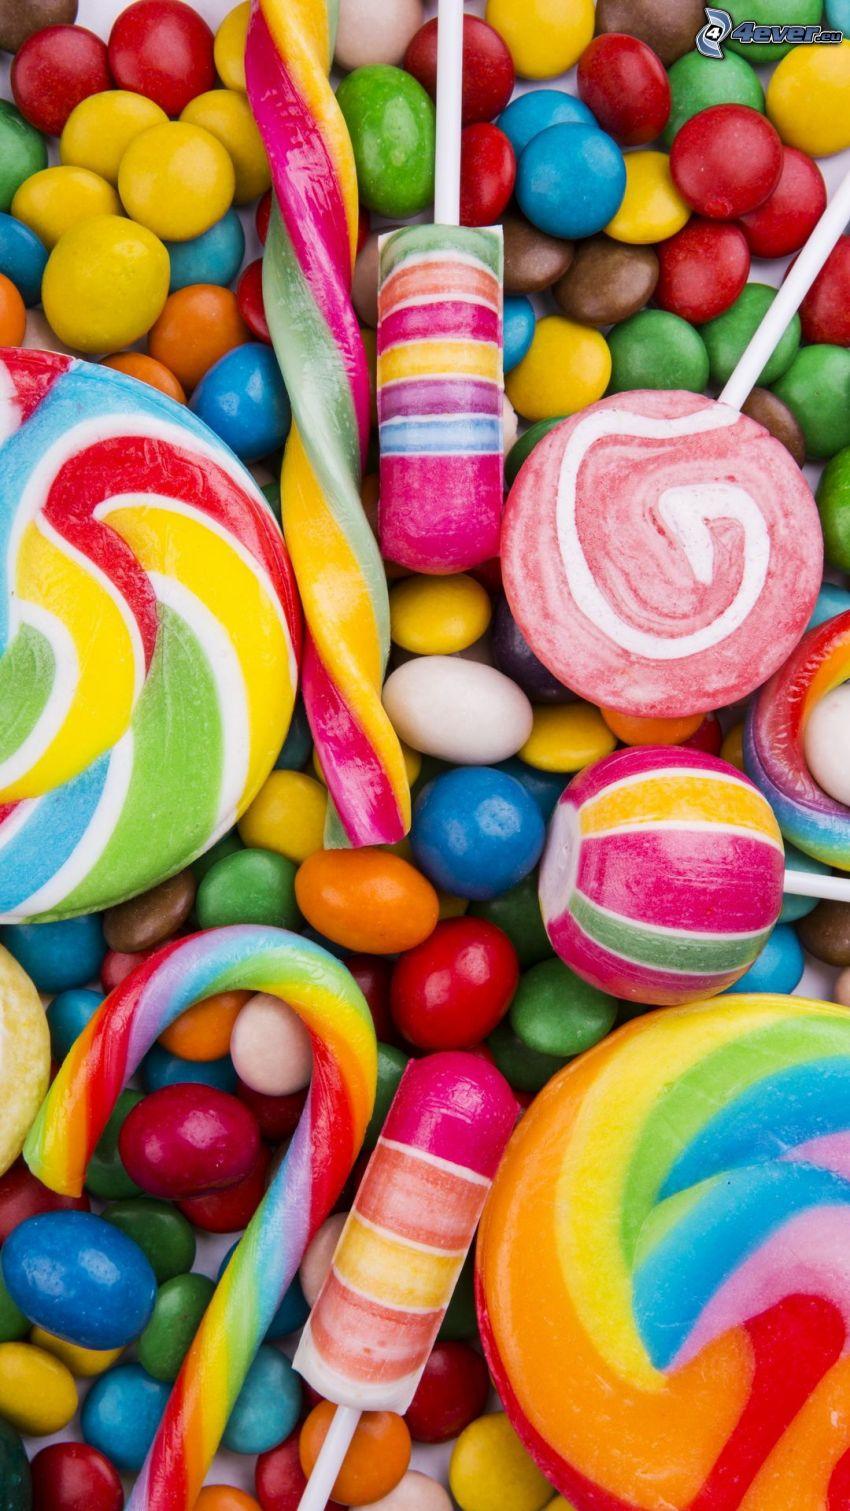 színes nyalókák, színes cukorkák